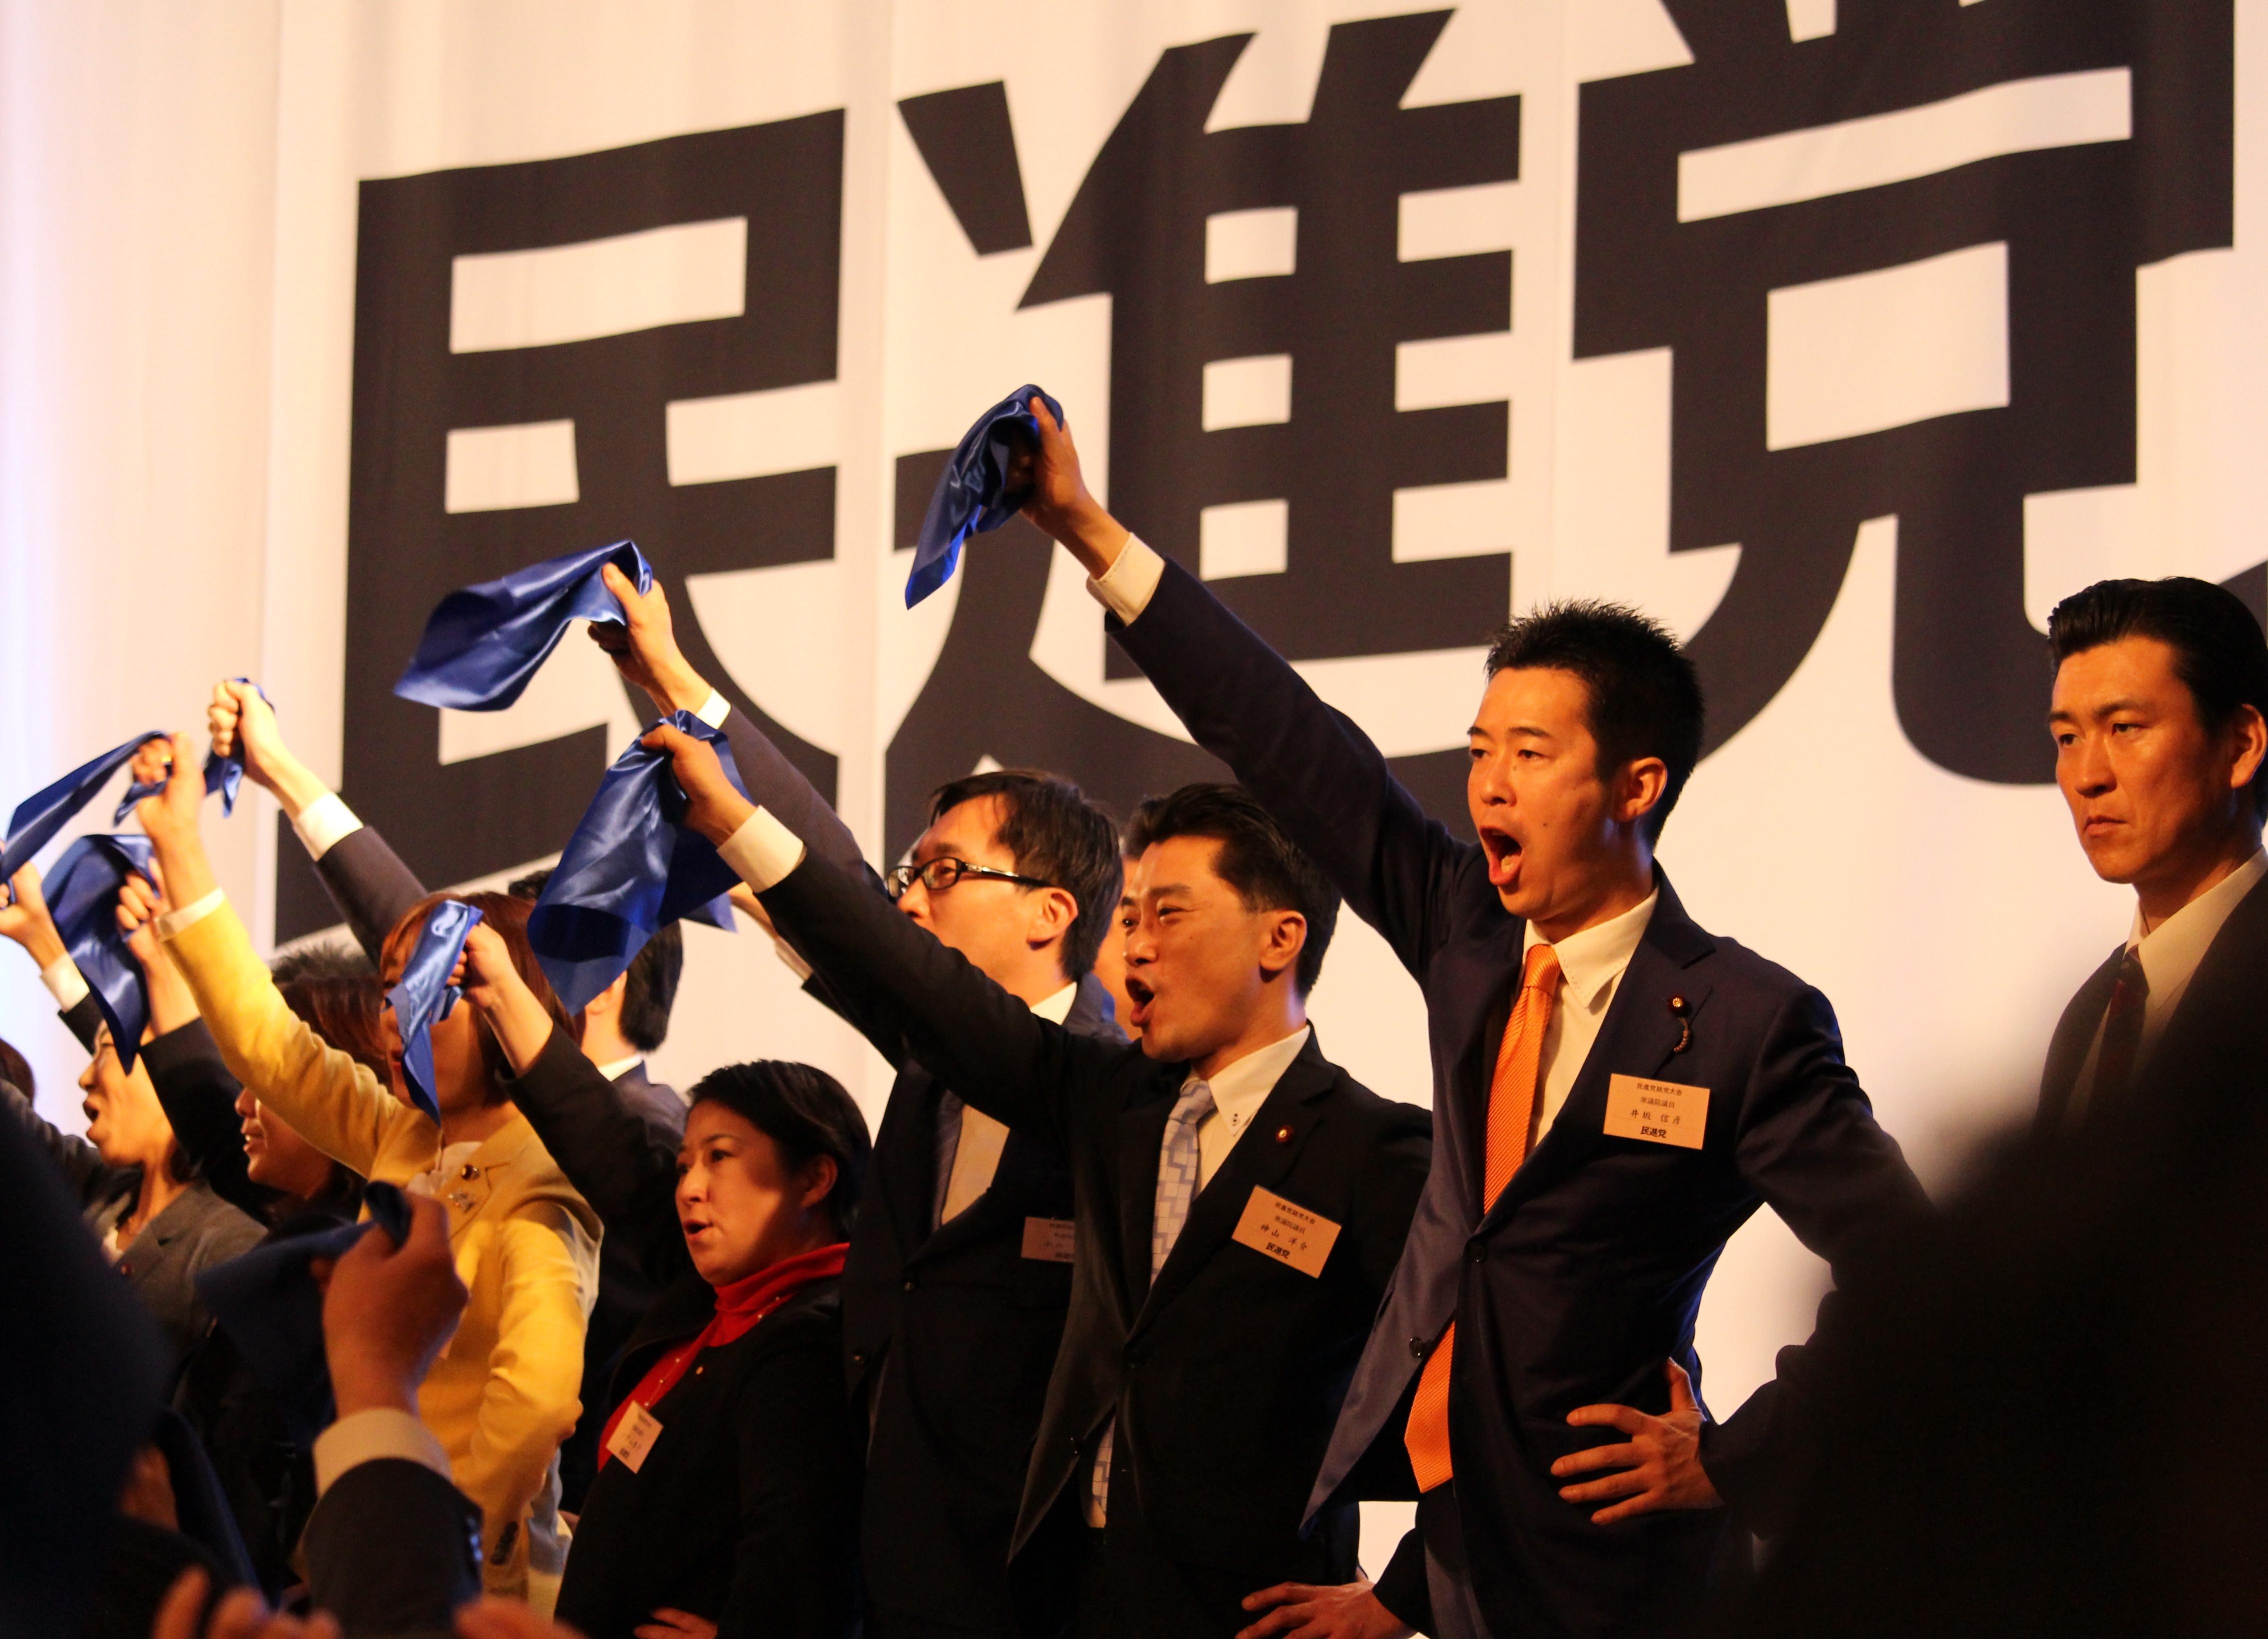 20160327-21民進党結党大会001